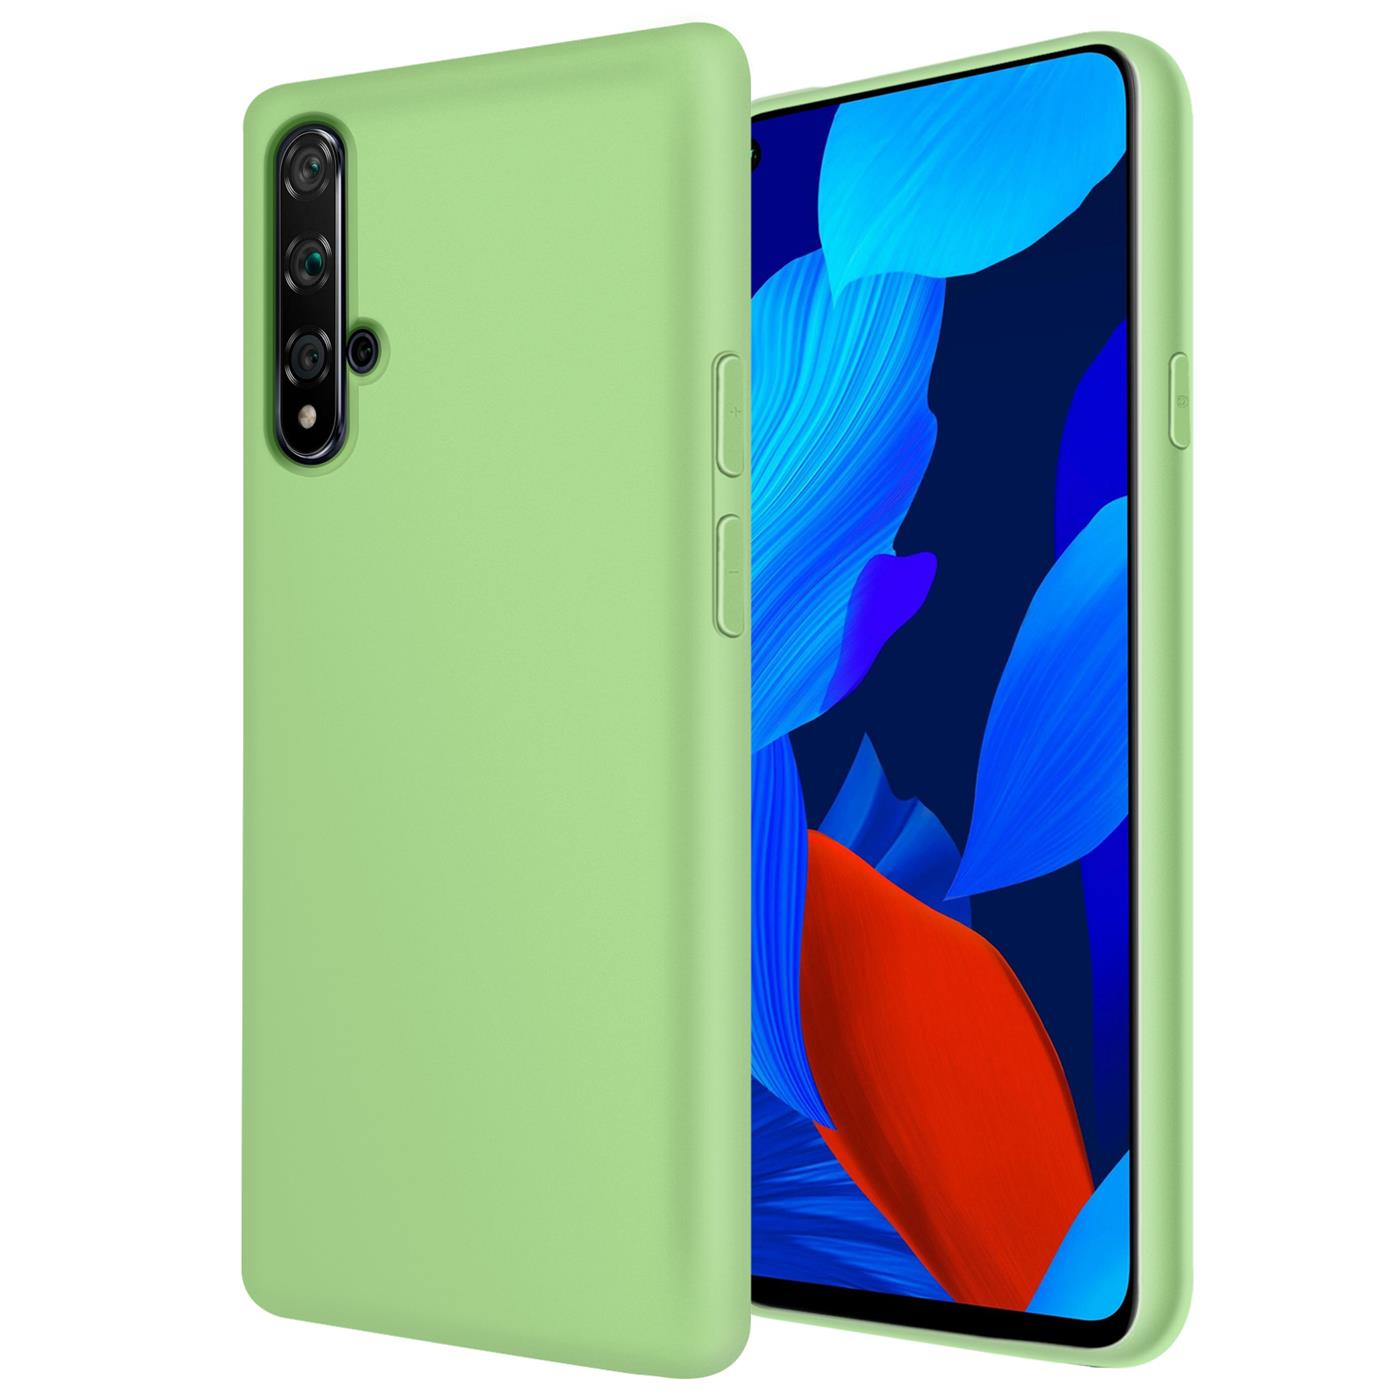 Huelle-Huawei-Nova-5T-Handy-Schutz-Cover-Silikon-Gel-Case-Handyhuelle-Tasche Indexbild 12